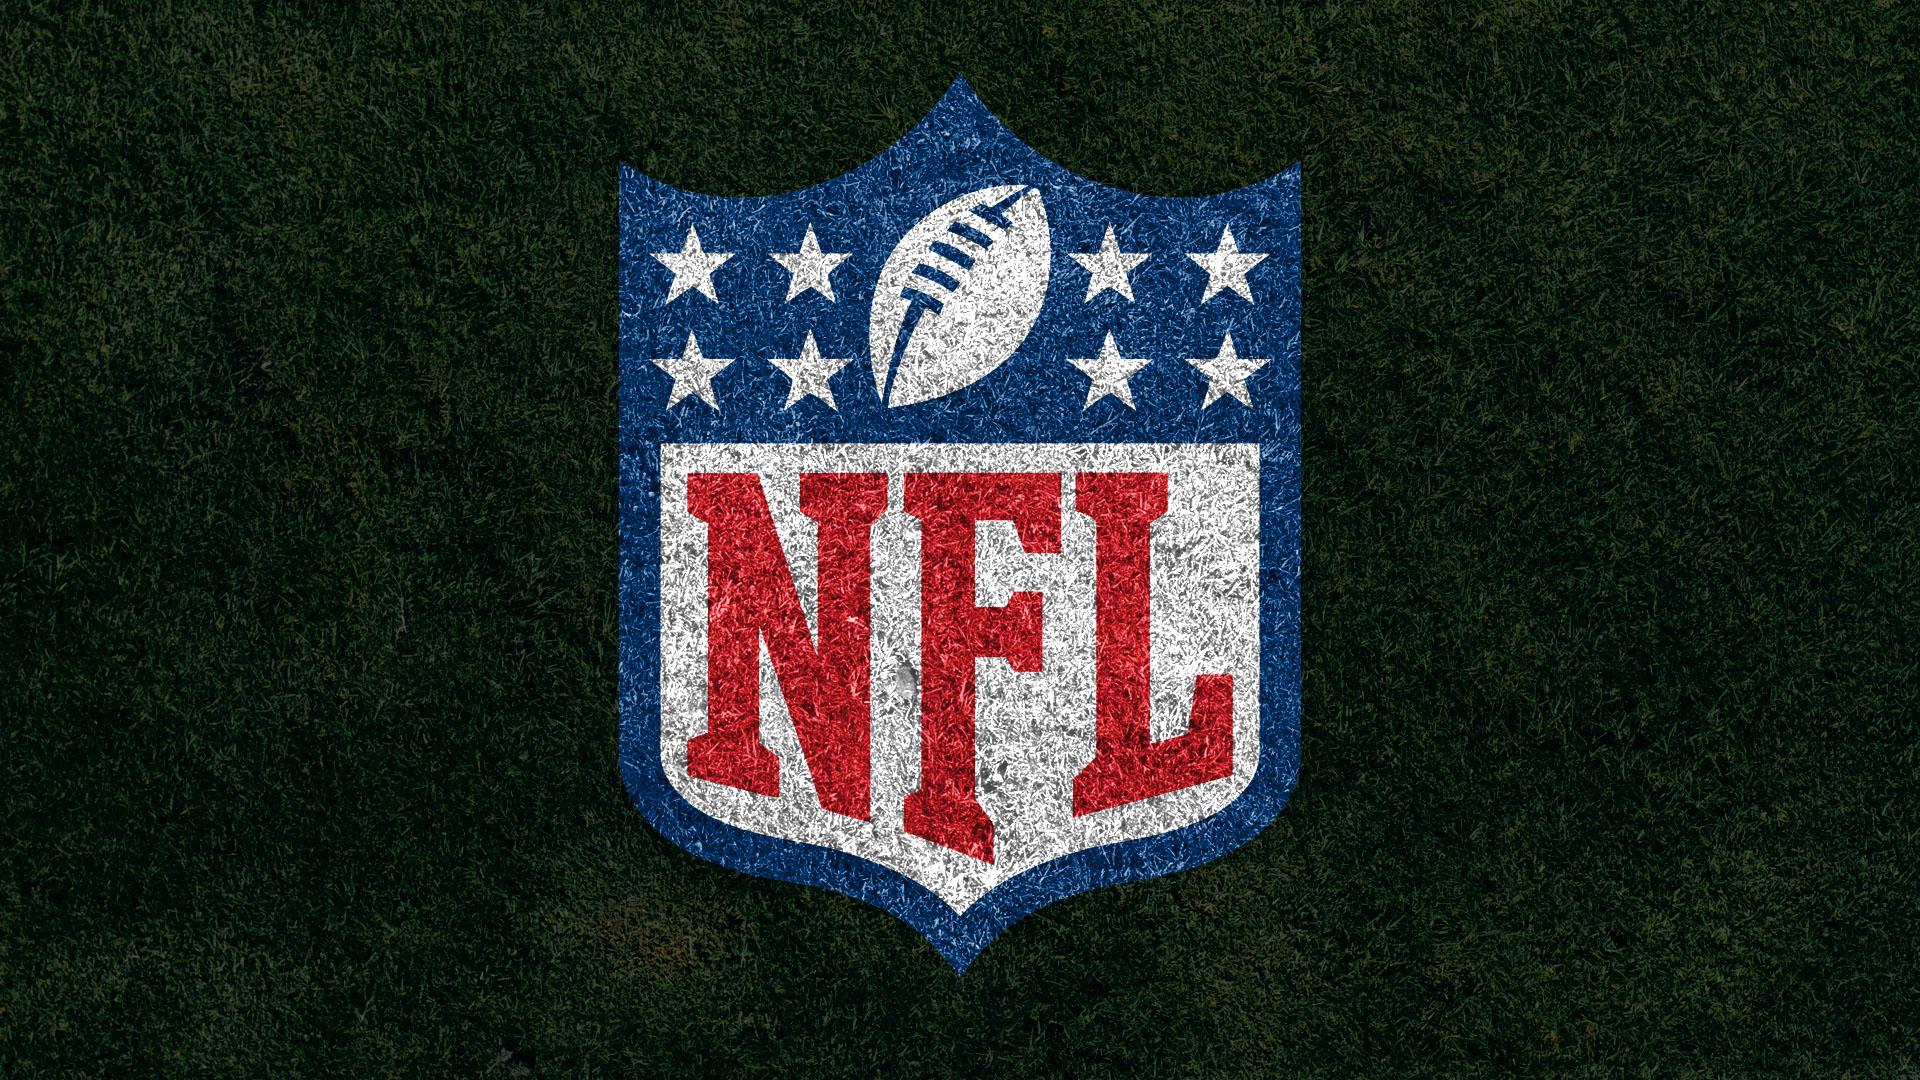 Grass Logo HD Wallpaper 65041 1920x1080